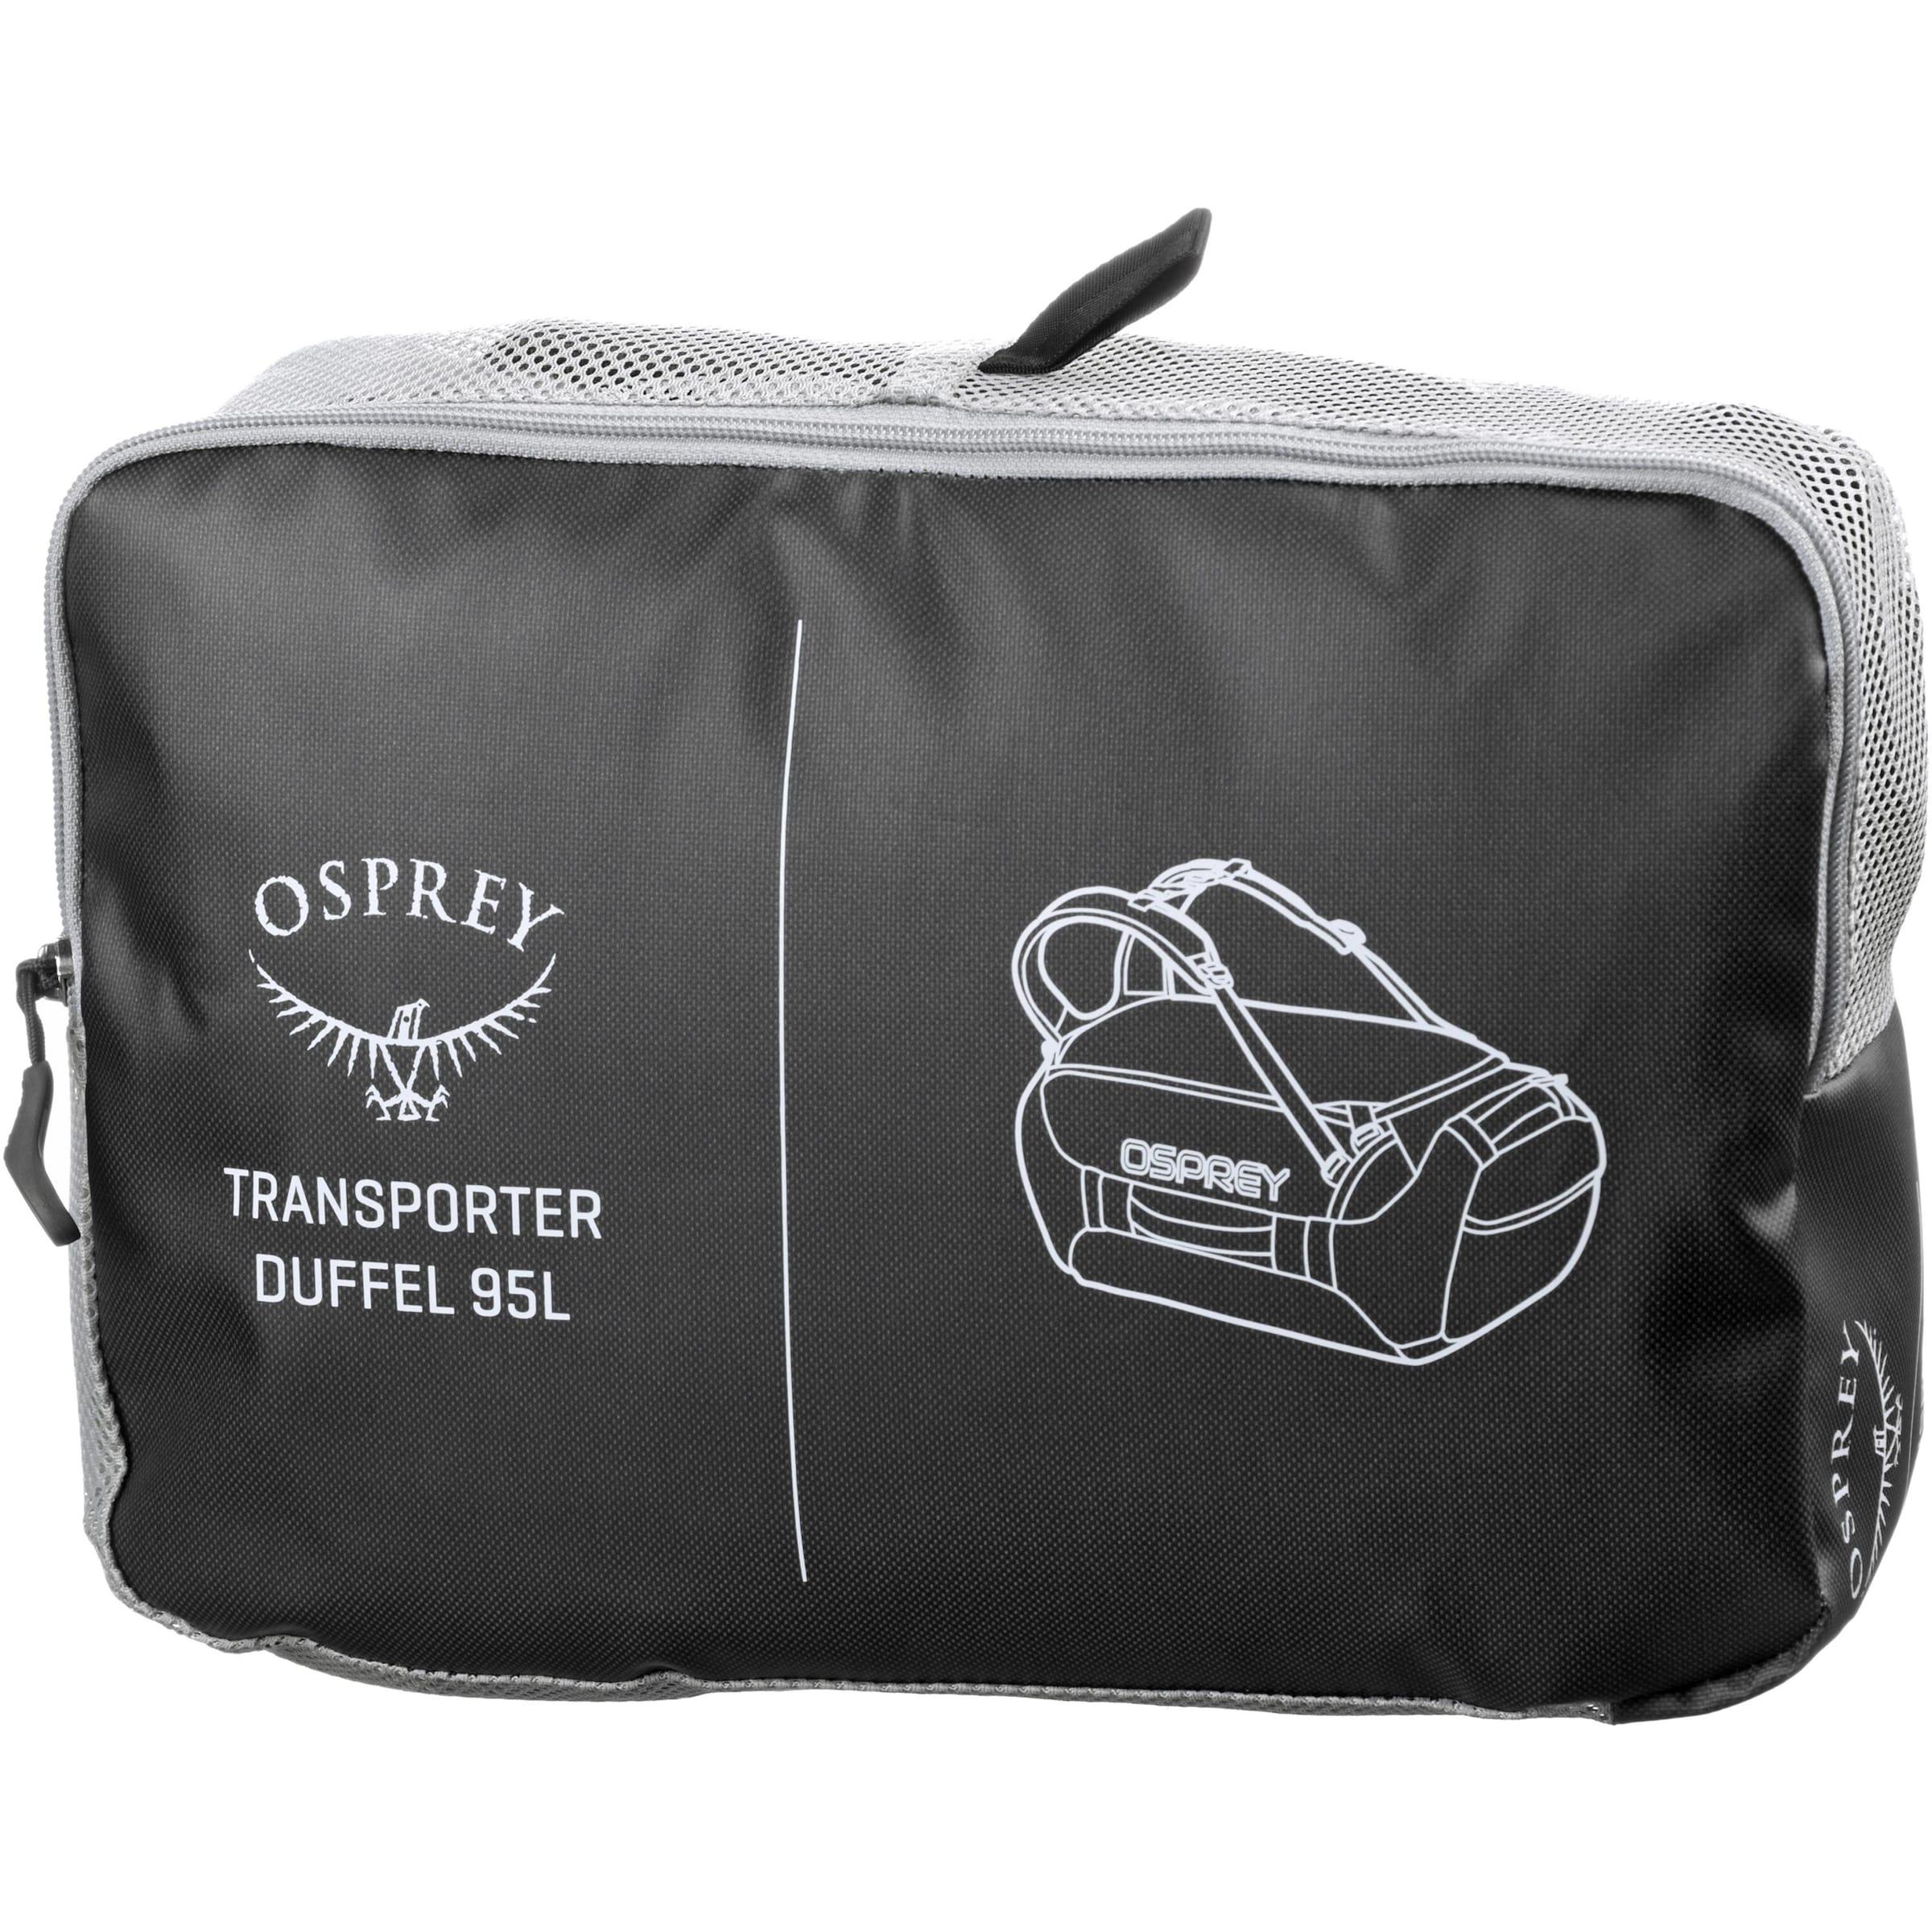 95' 'Transporter Osprey 'Transporter 95' 95' Reisetasche 'Transporter Reisetasche Osprey 'Transporter Osprey 95' Reisetasche 'Transporter Reisetasche Osprey Osprey Reisetasche qwtAxafIn